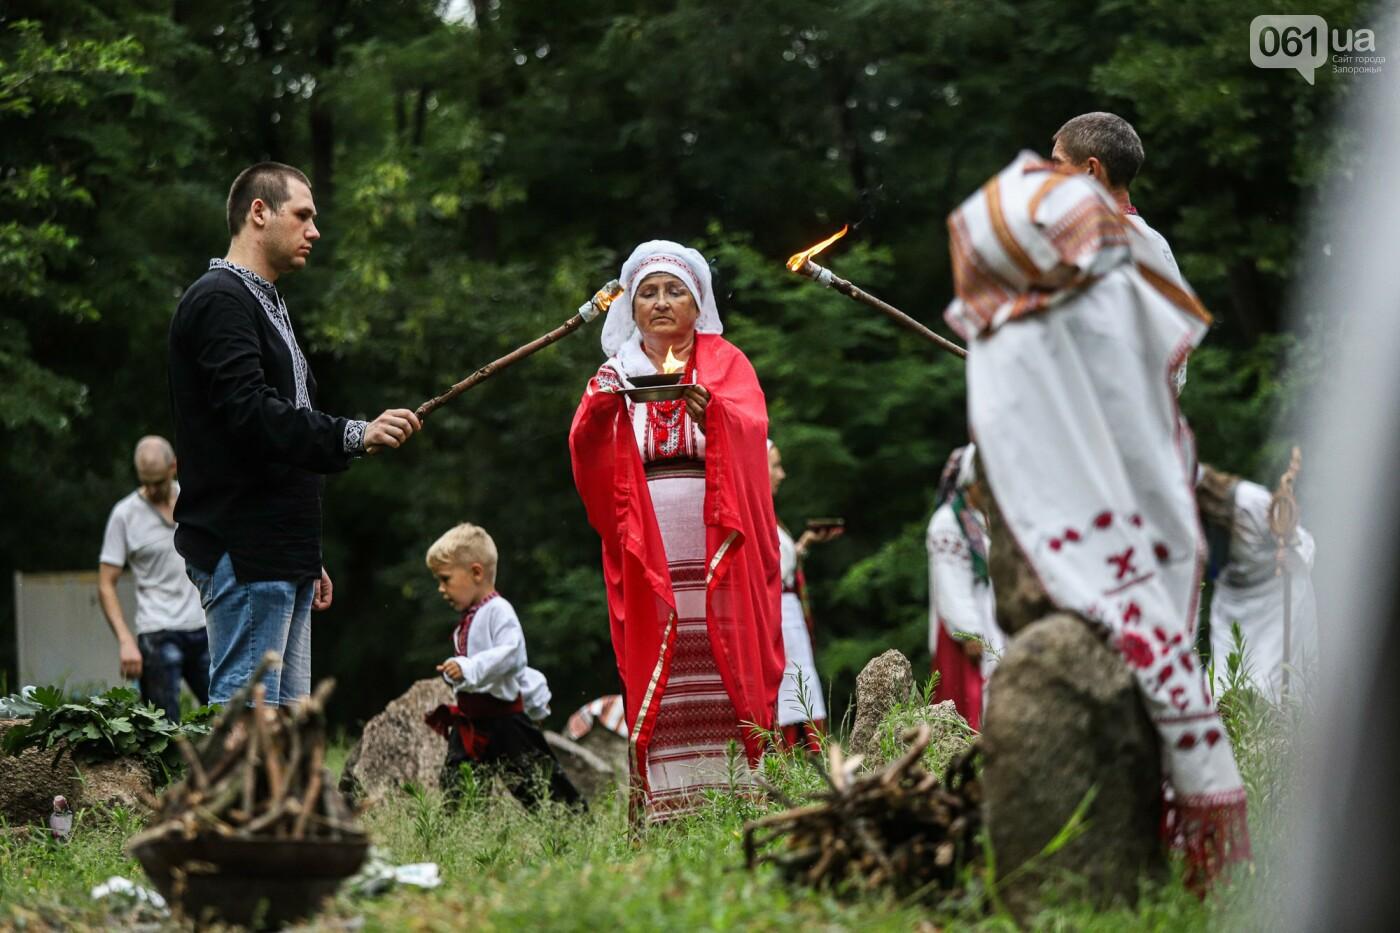 Огонь и дубовые венки: как на Хортице отметили праздник Перуна, - ФОТОРЕПОРТАЖ, фото-19